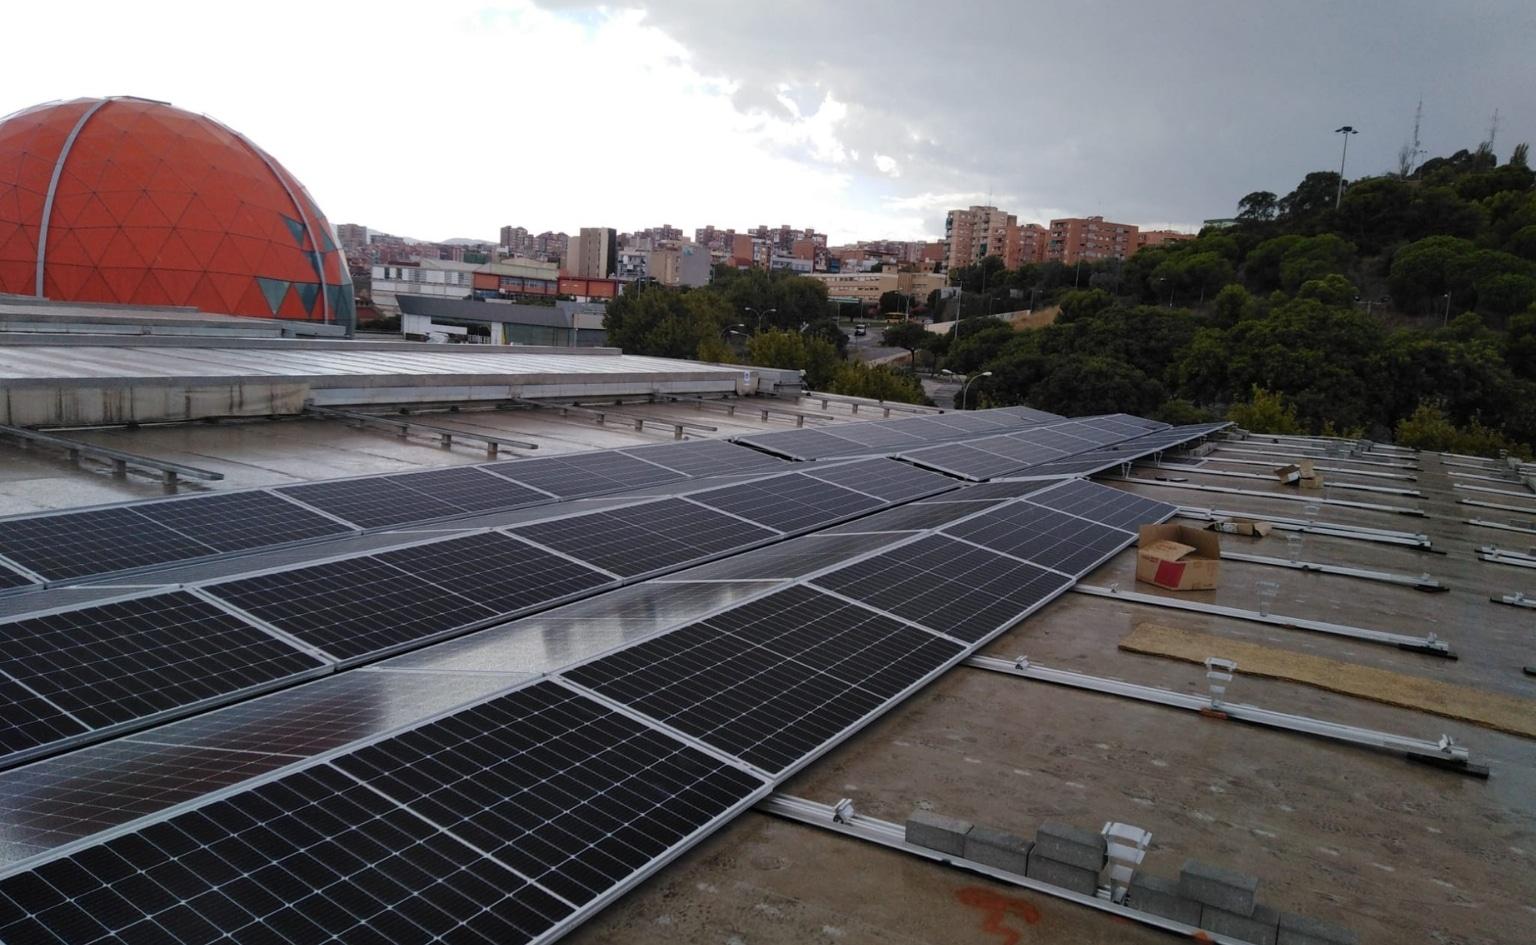 Nova Planta Fotovoltaica de 1 MWp a la coberta del centre comercial Màgic Badalona